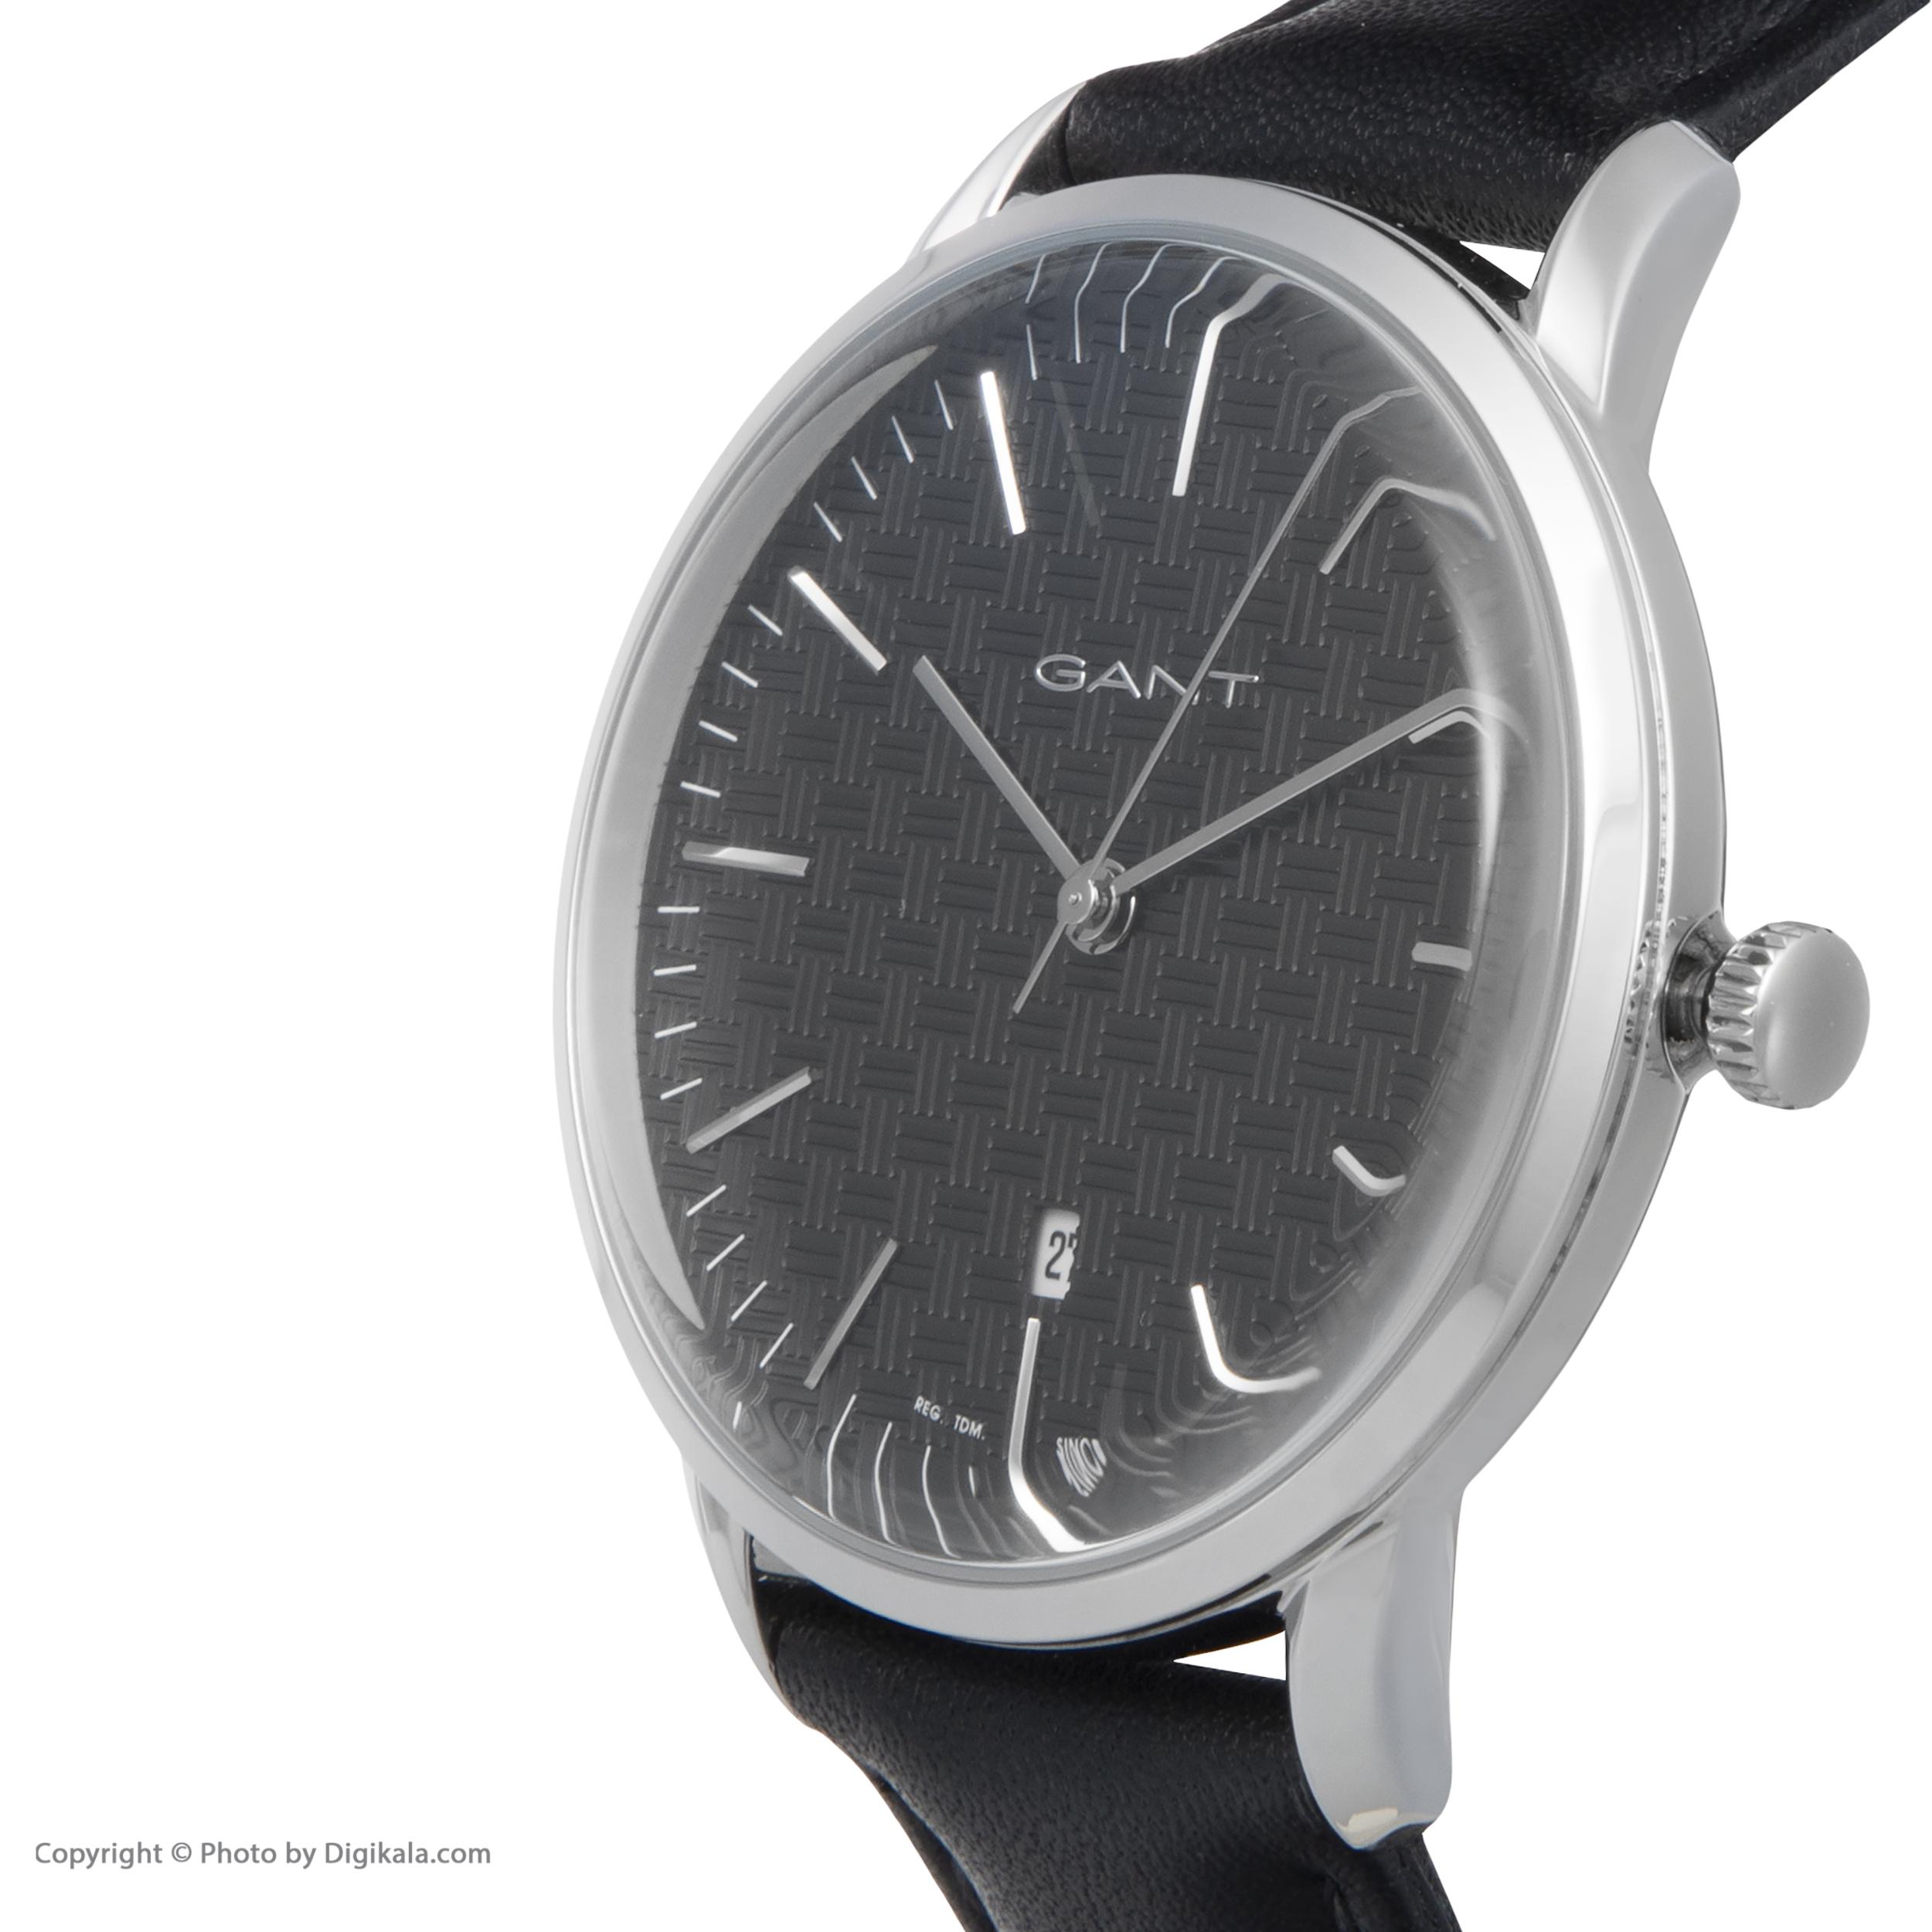 ساعت مچی عقربه ای مردانه گنت مدل GWW077001 -  - 5